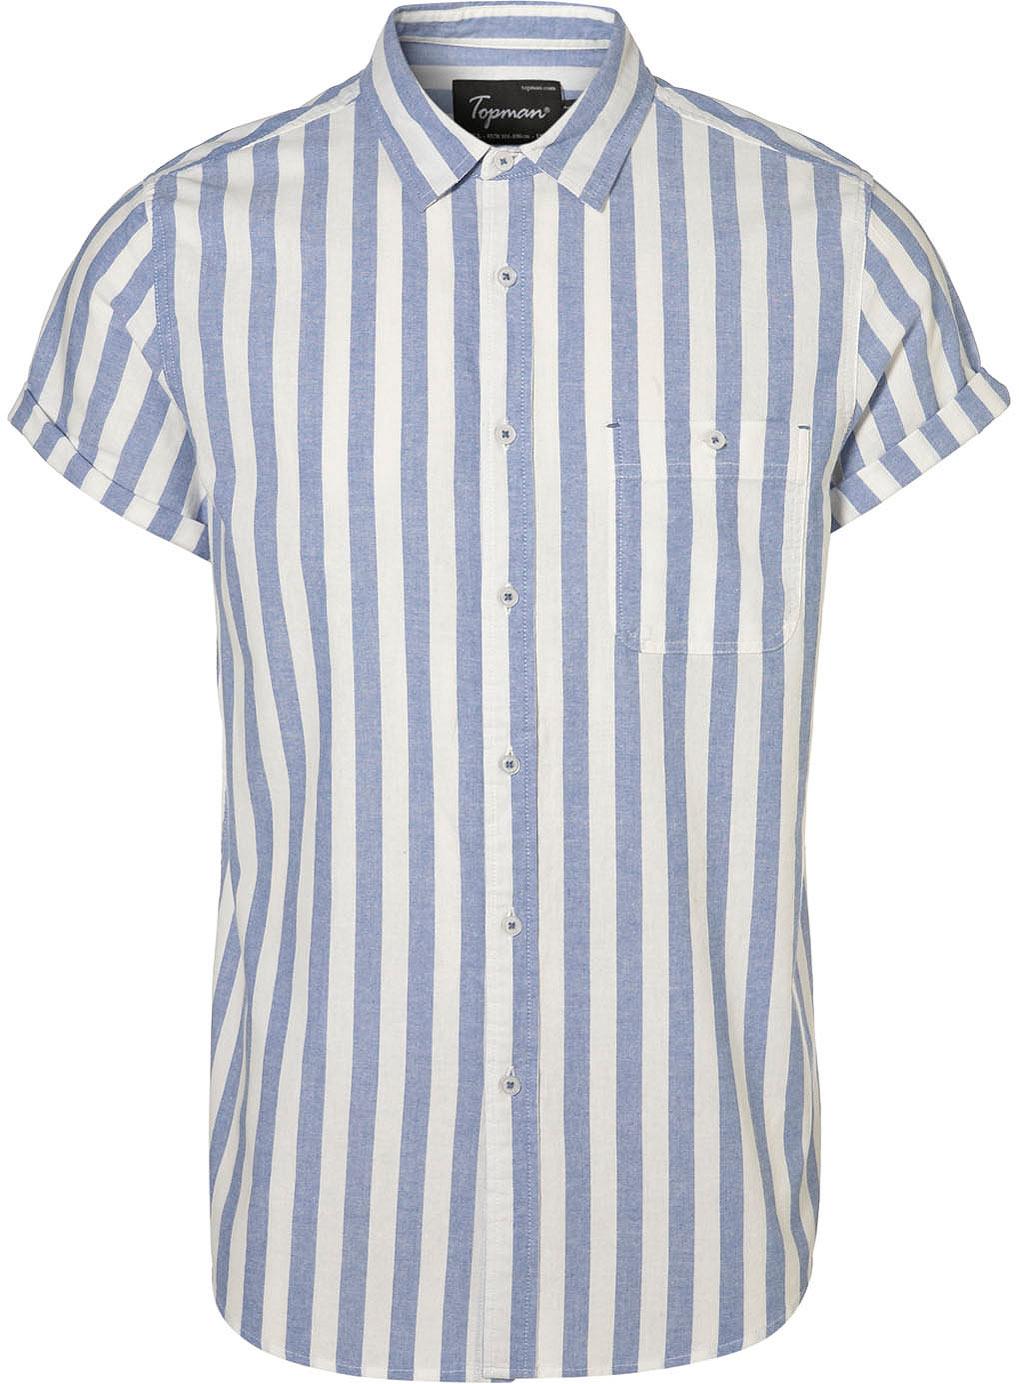 Topman Blue Wide Stripe Oxford Shirt In Blue For Men Lyst